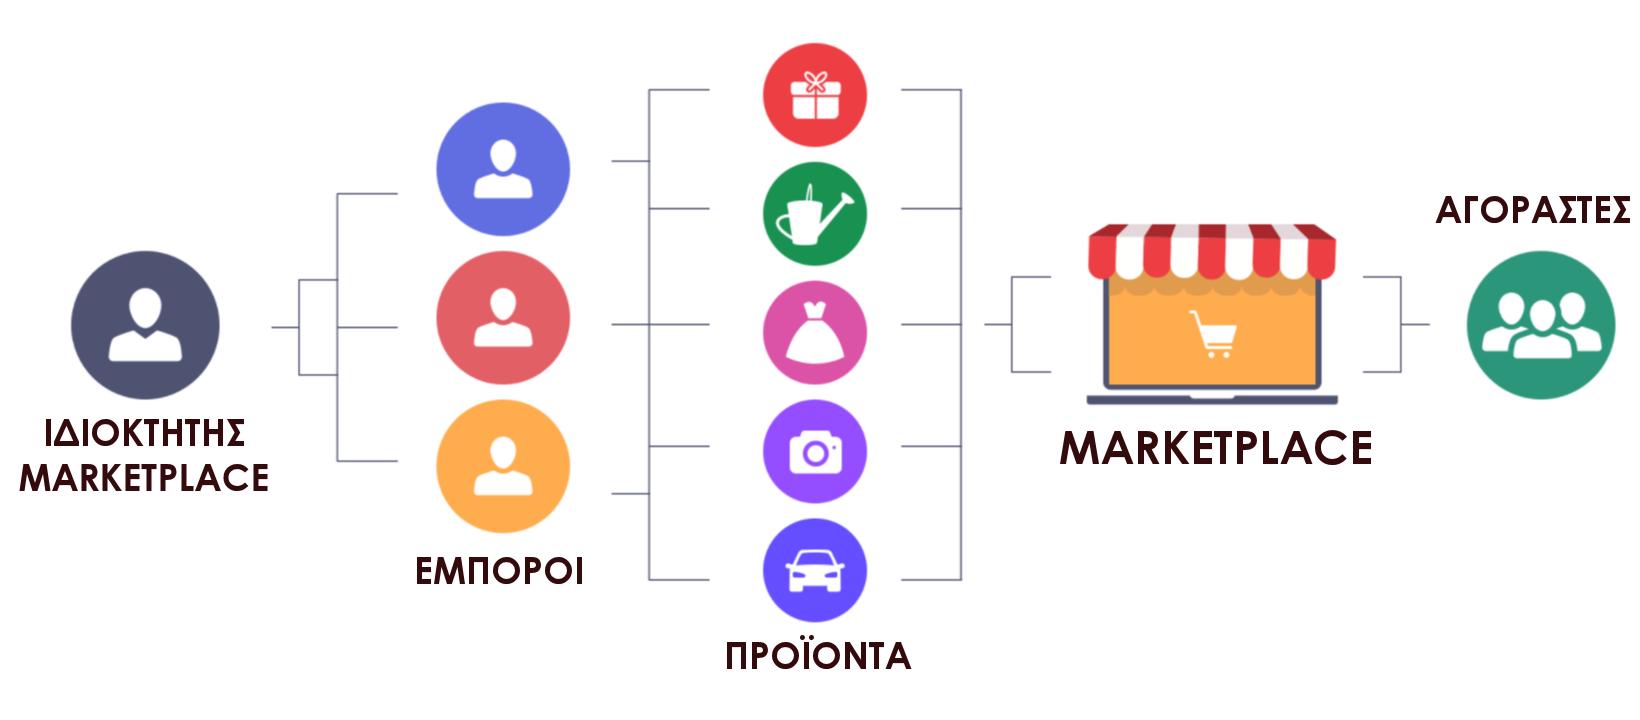 Από τι αποτελείται ένα Marketplace